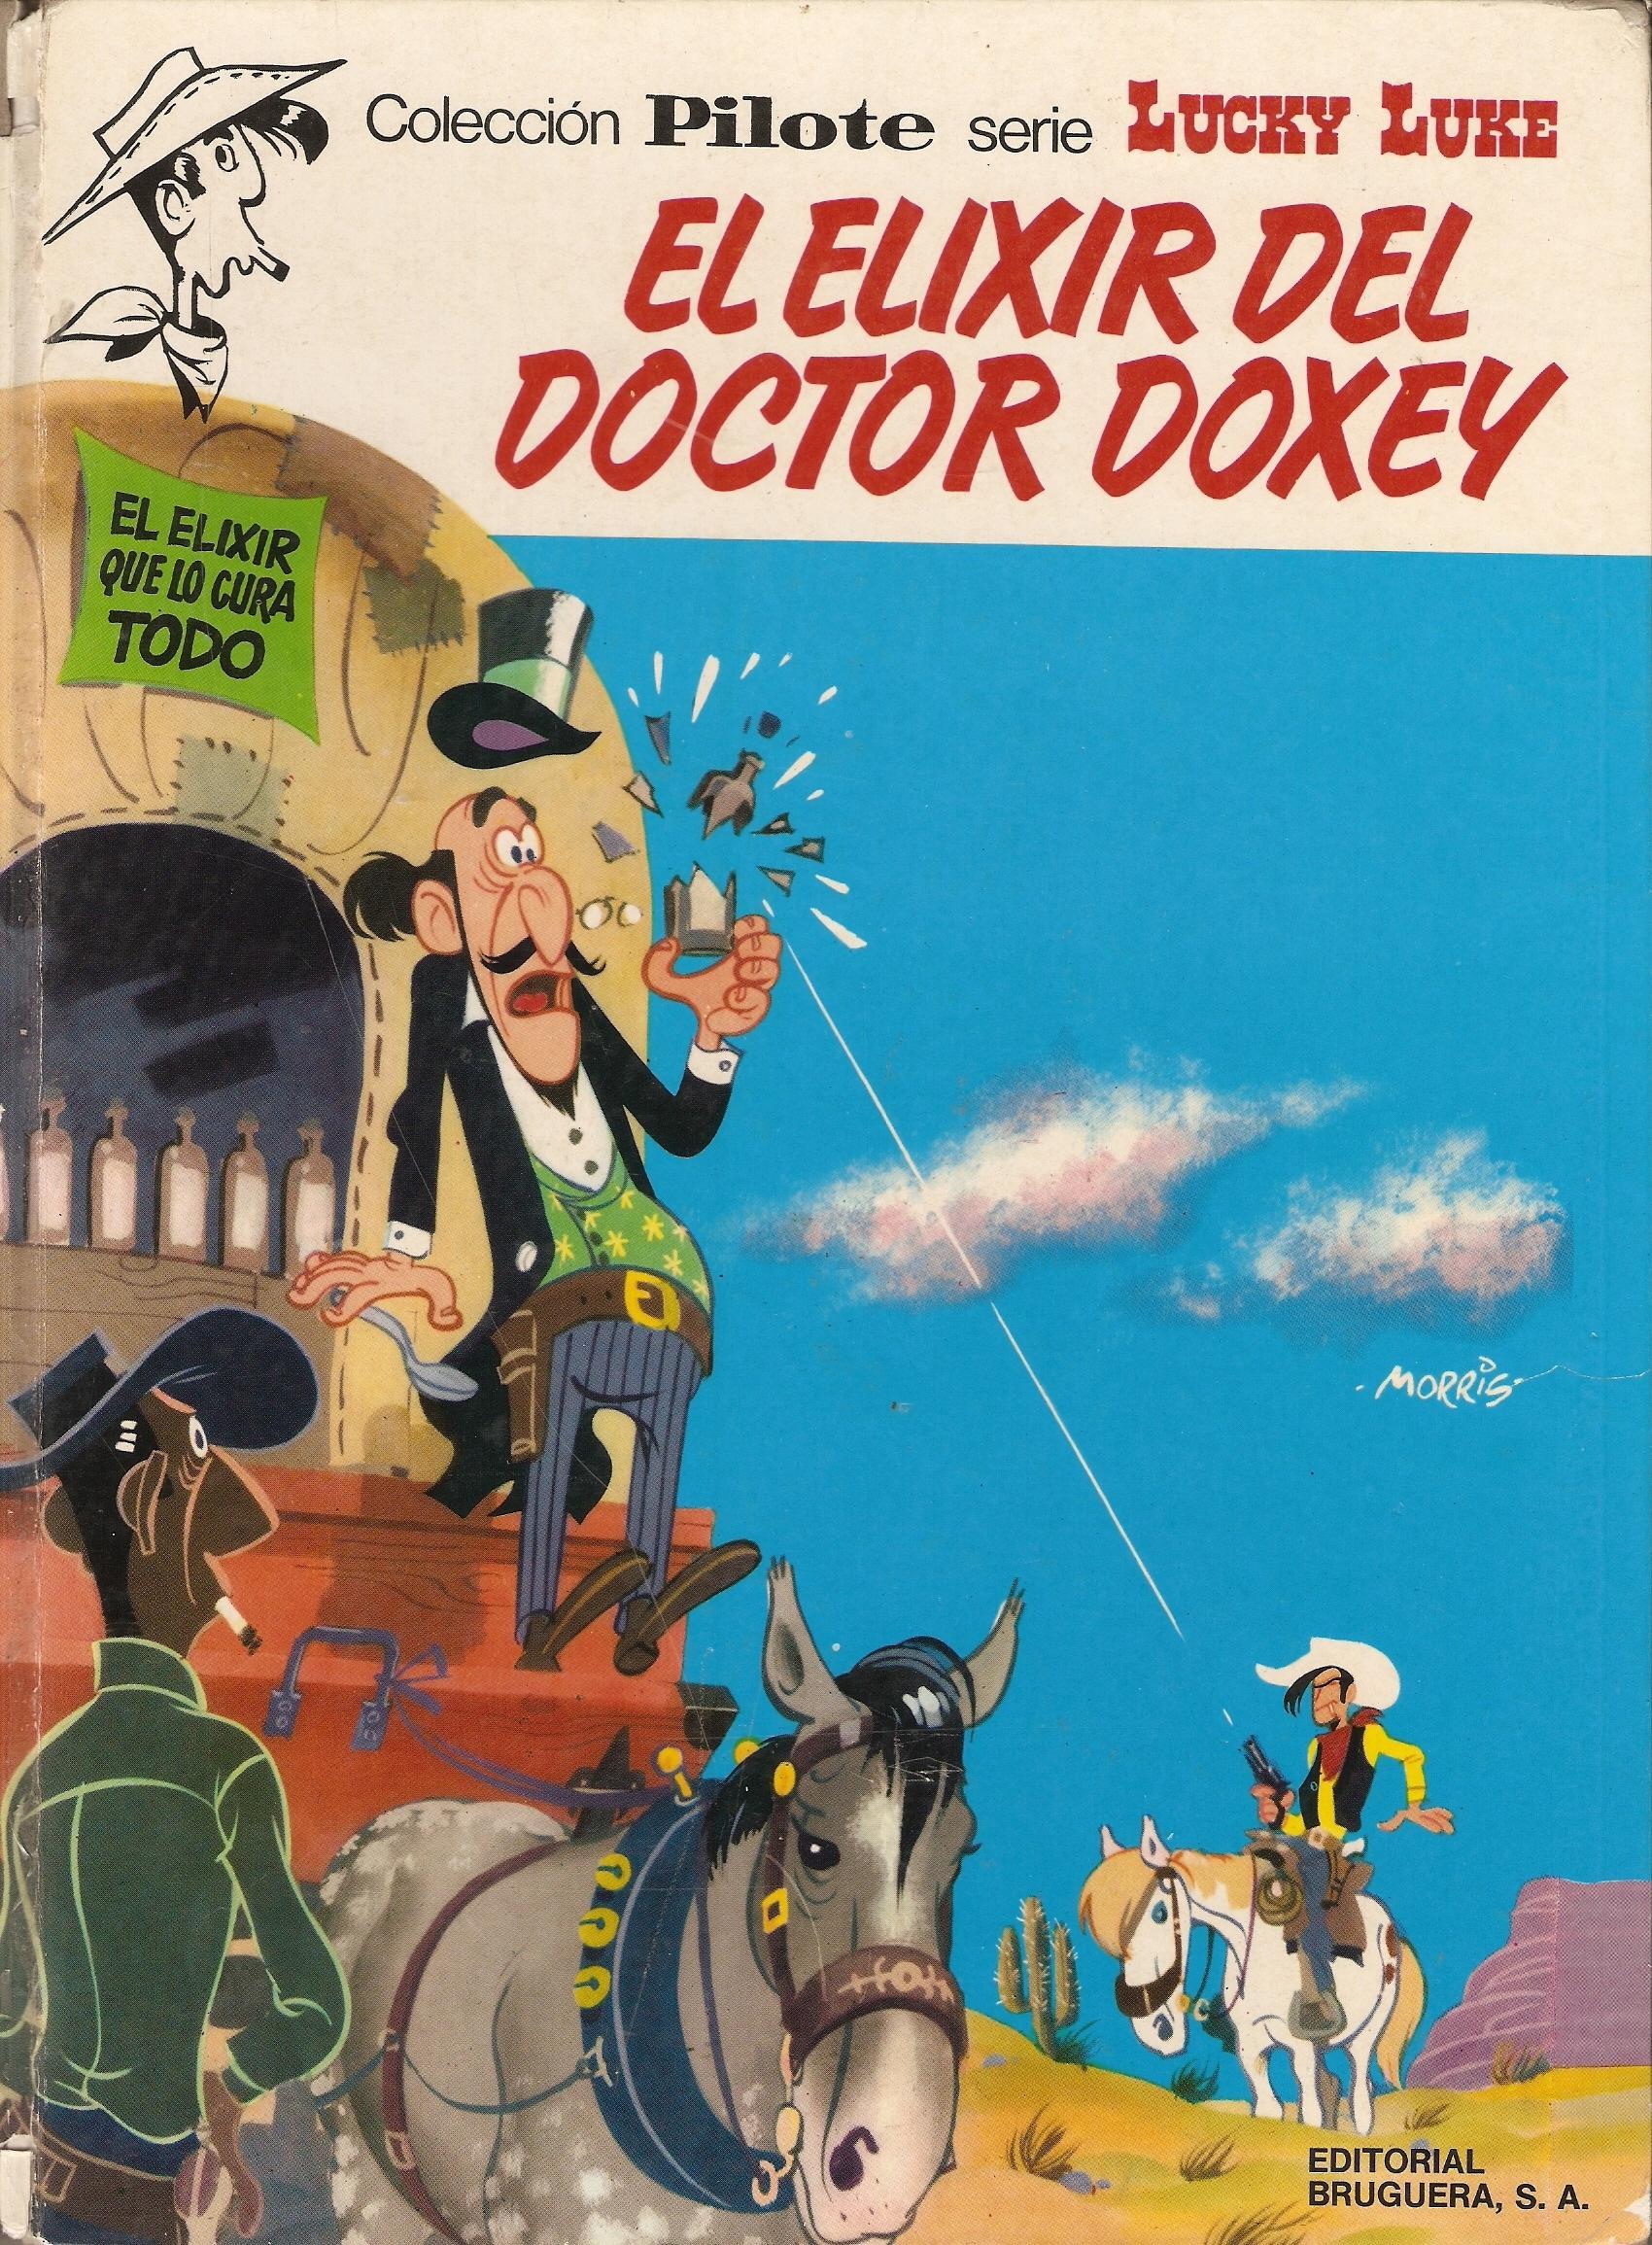 El elixir del Doctor Doxey